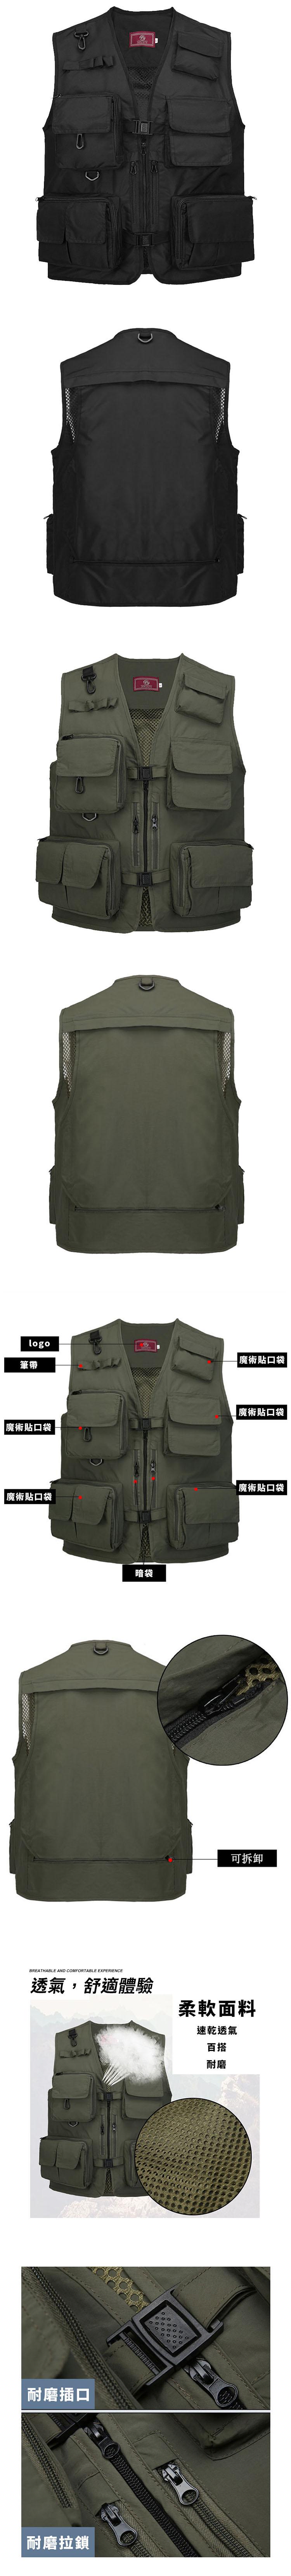 韓國設計單品.工裝多口袋背心外套